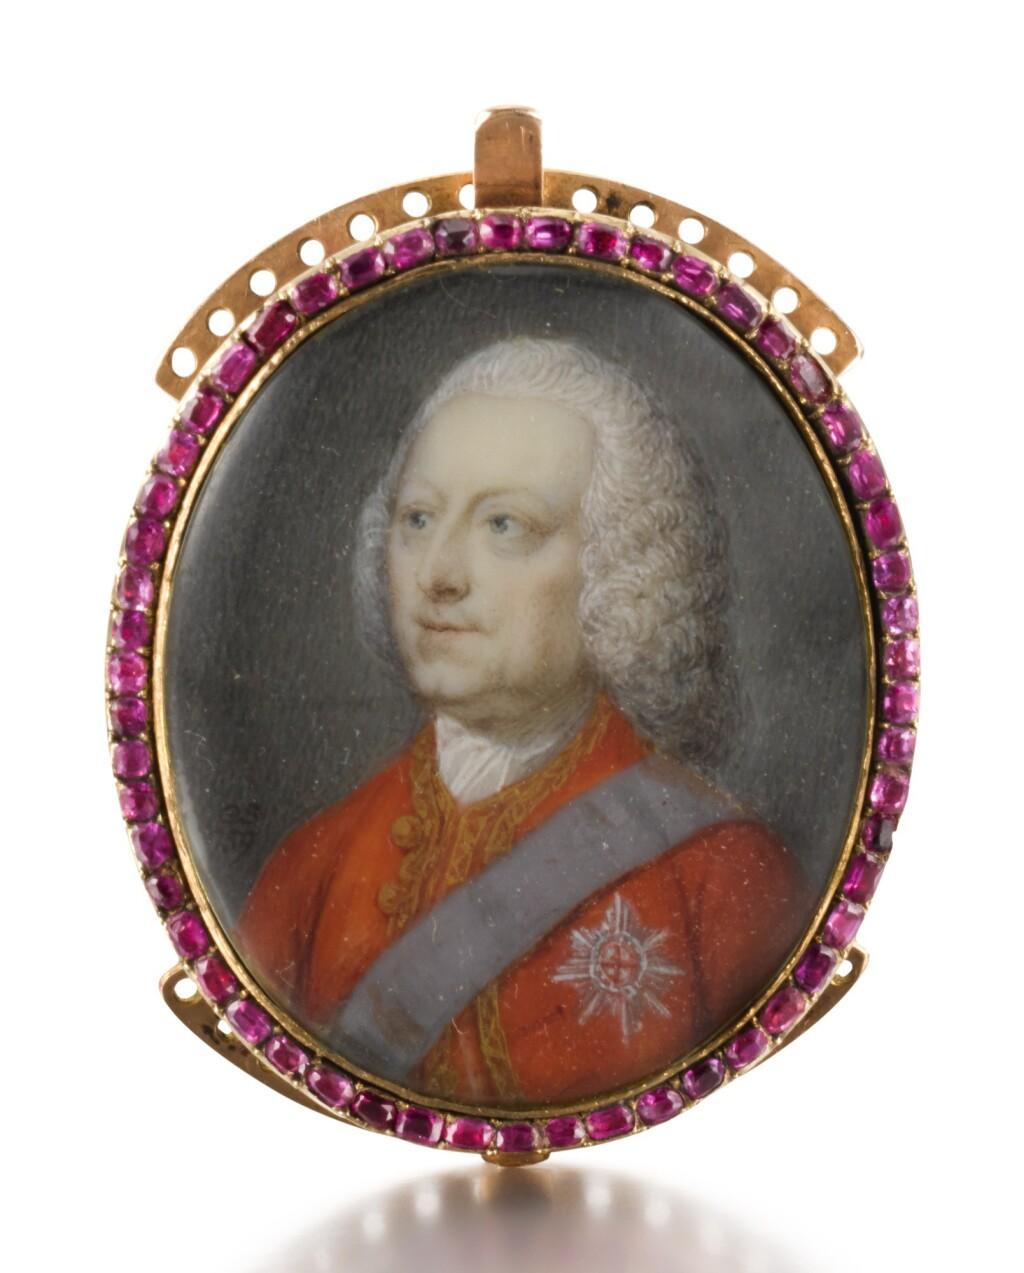 GERVASE SPENCER | PORTRAIT OF KING GEORGE II (1683-1760)